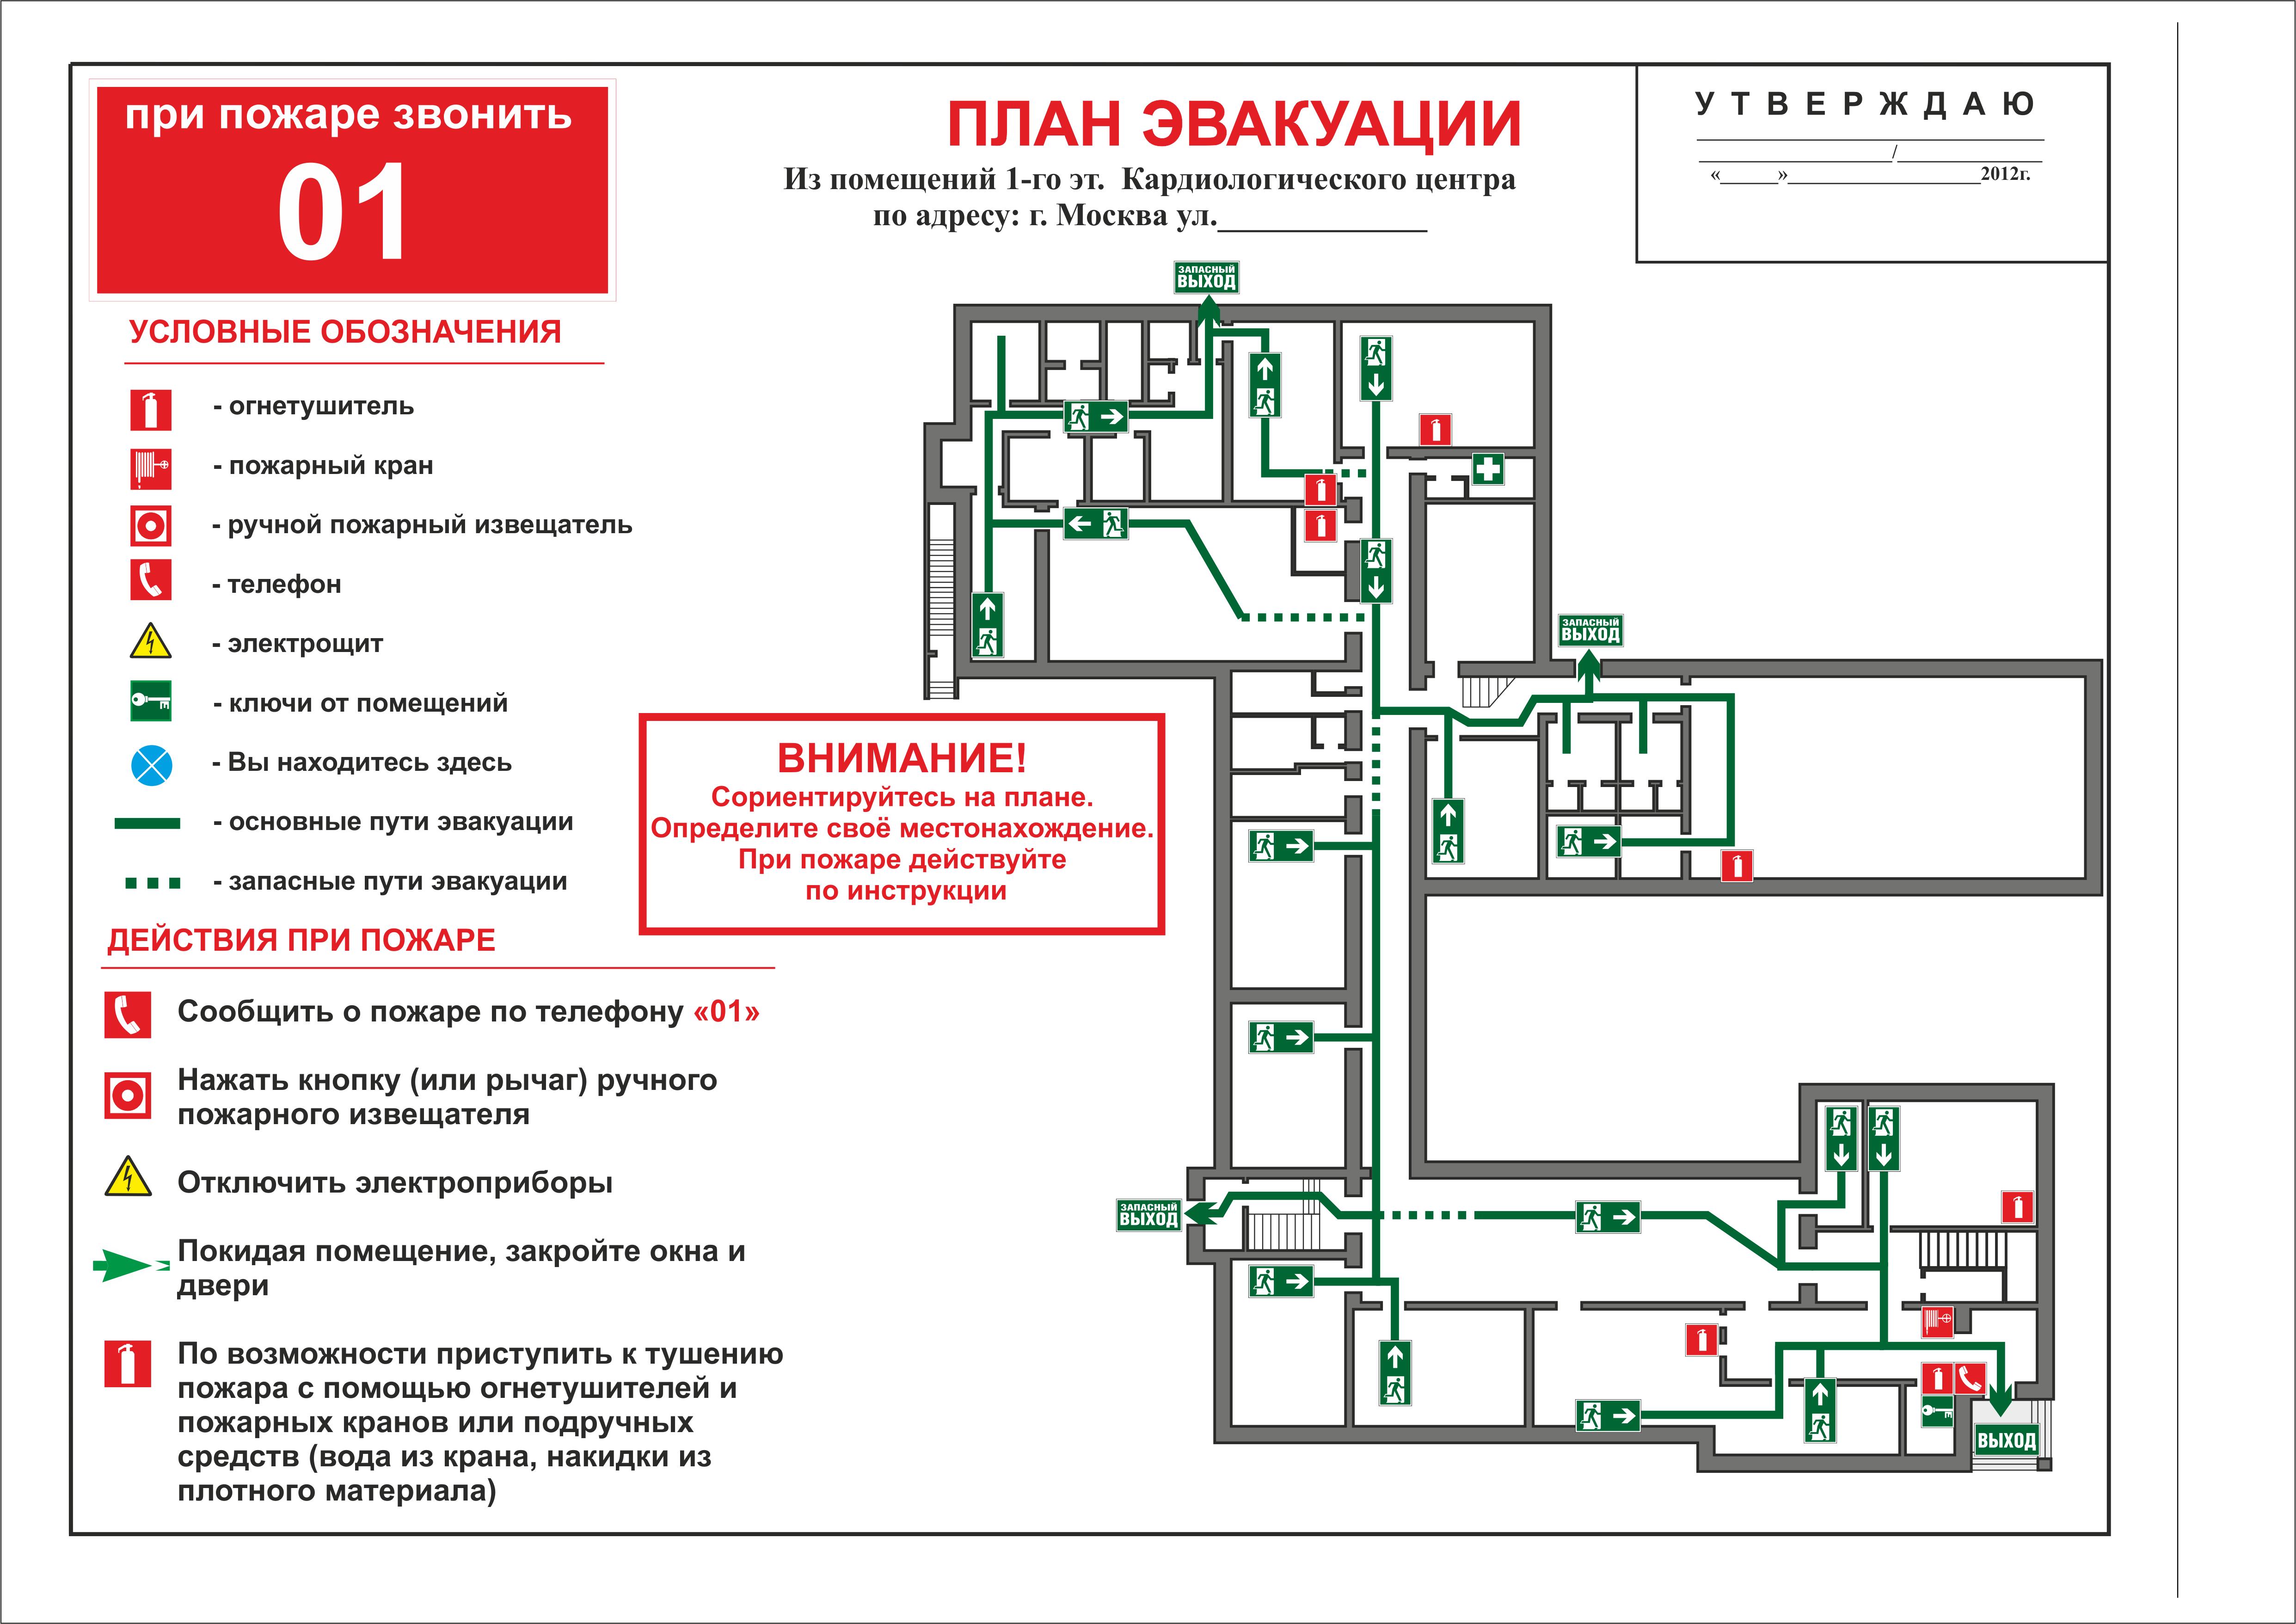 Шаблоны план эвакуации скачать